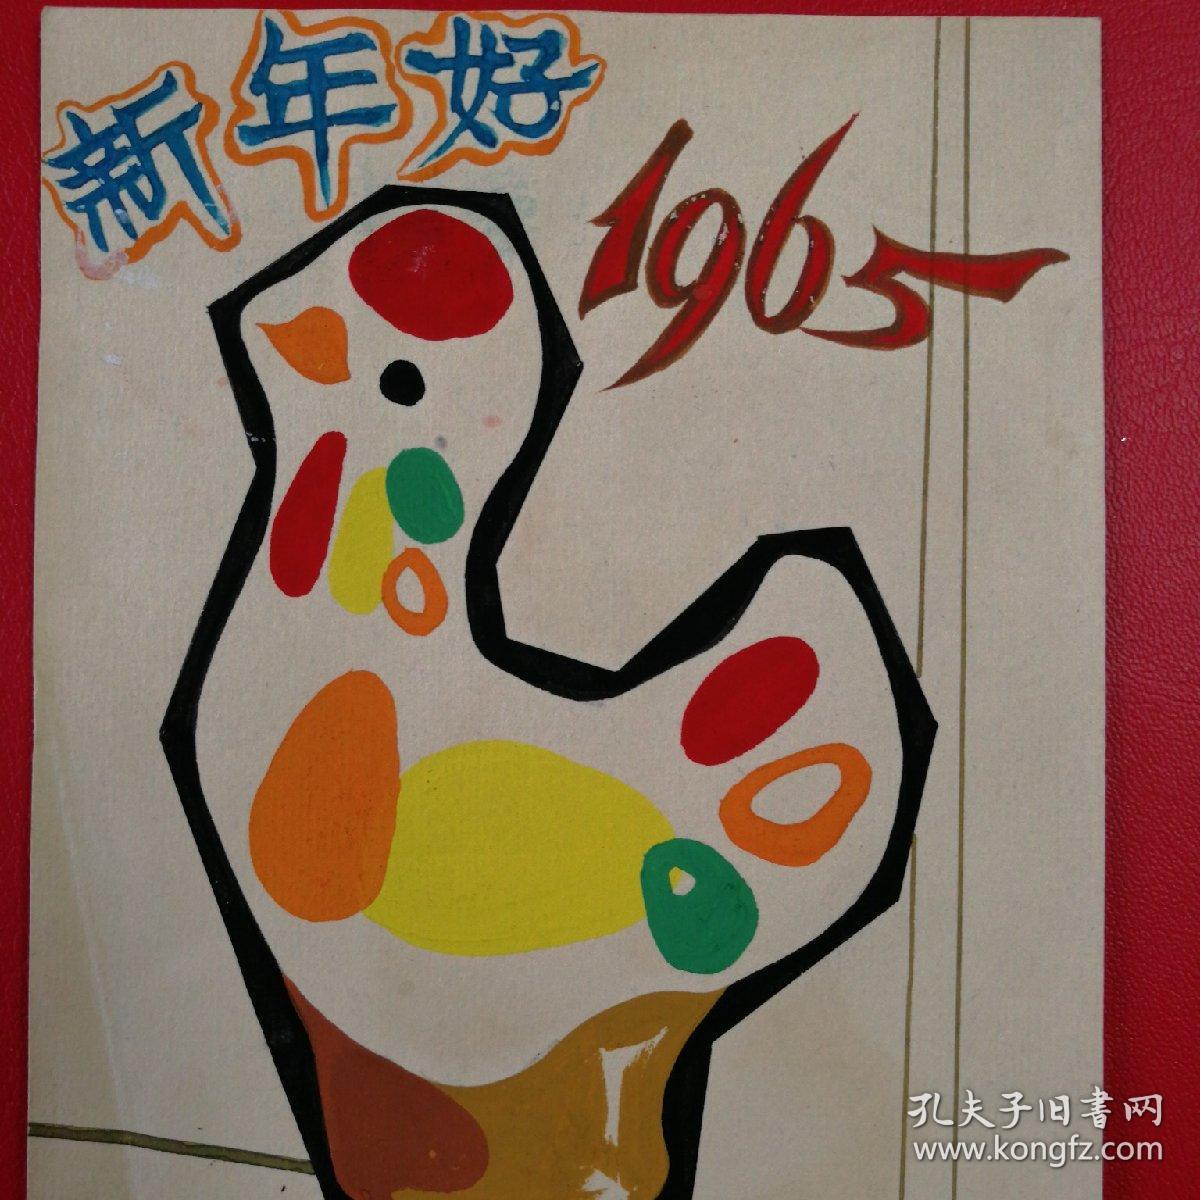 1965年画家陈忠雨手绘设色《新年好》贺年卡一枚,有毛笔题赠信息